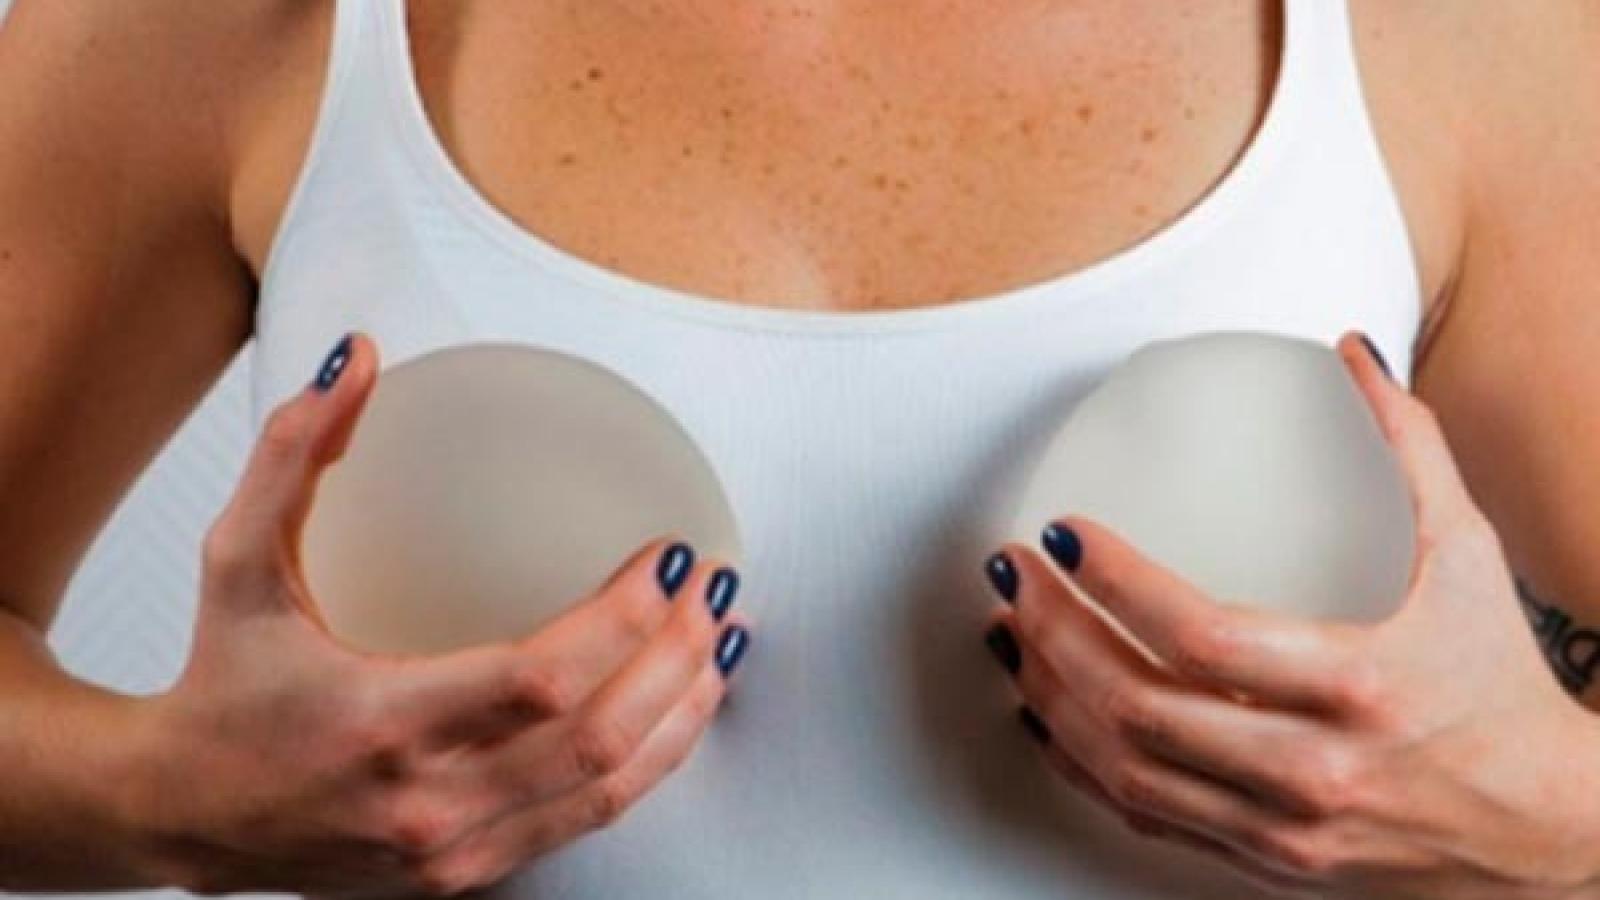 clinica de cirurgia plastica em santos dra ana lucia lemos mamoplastia